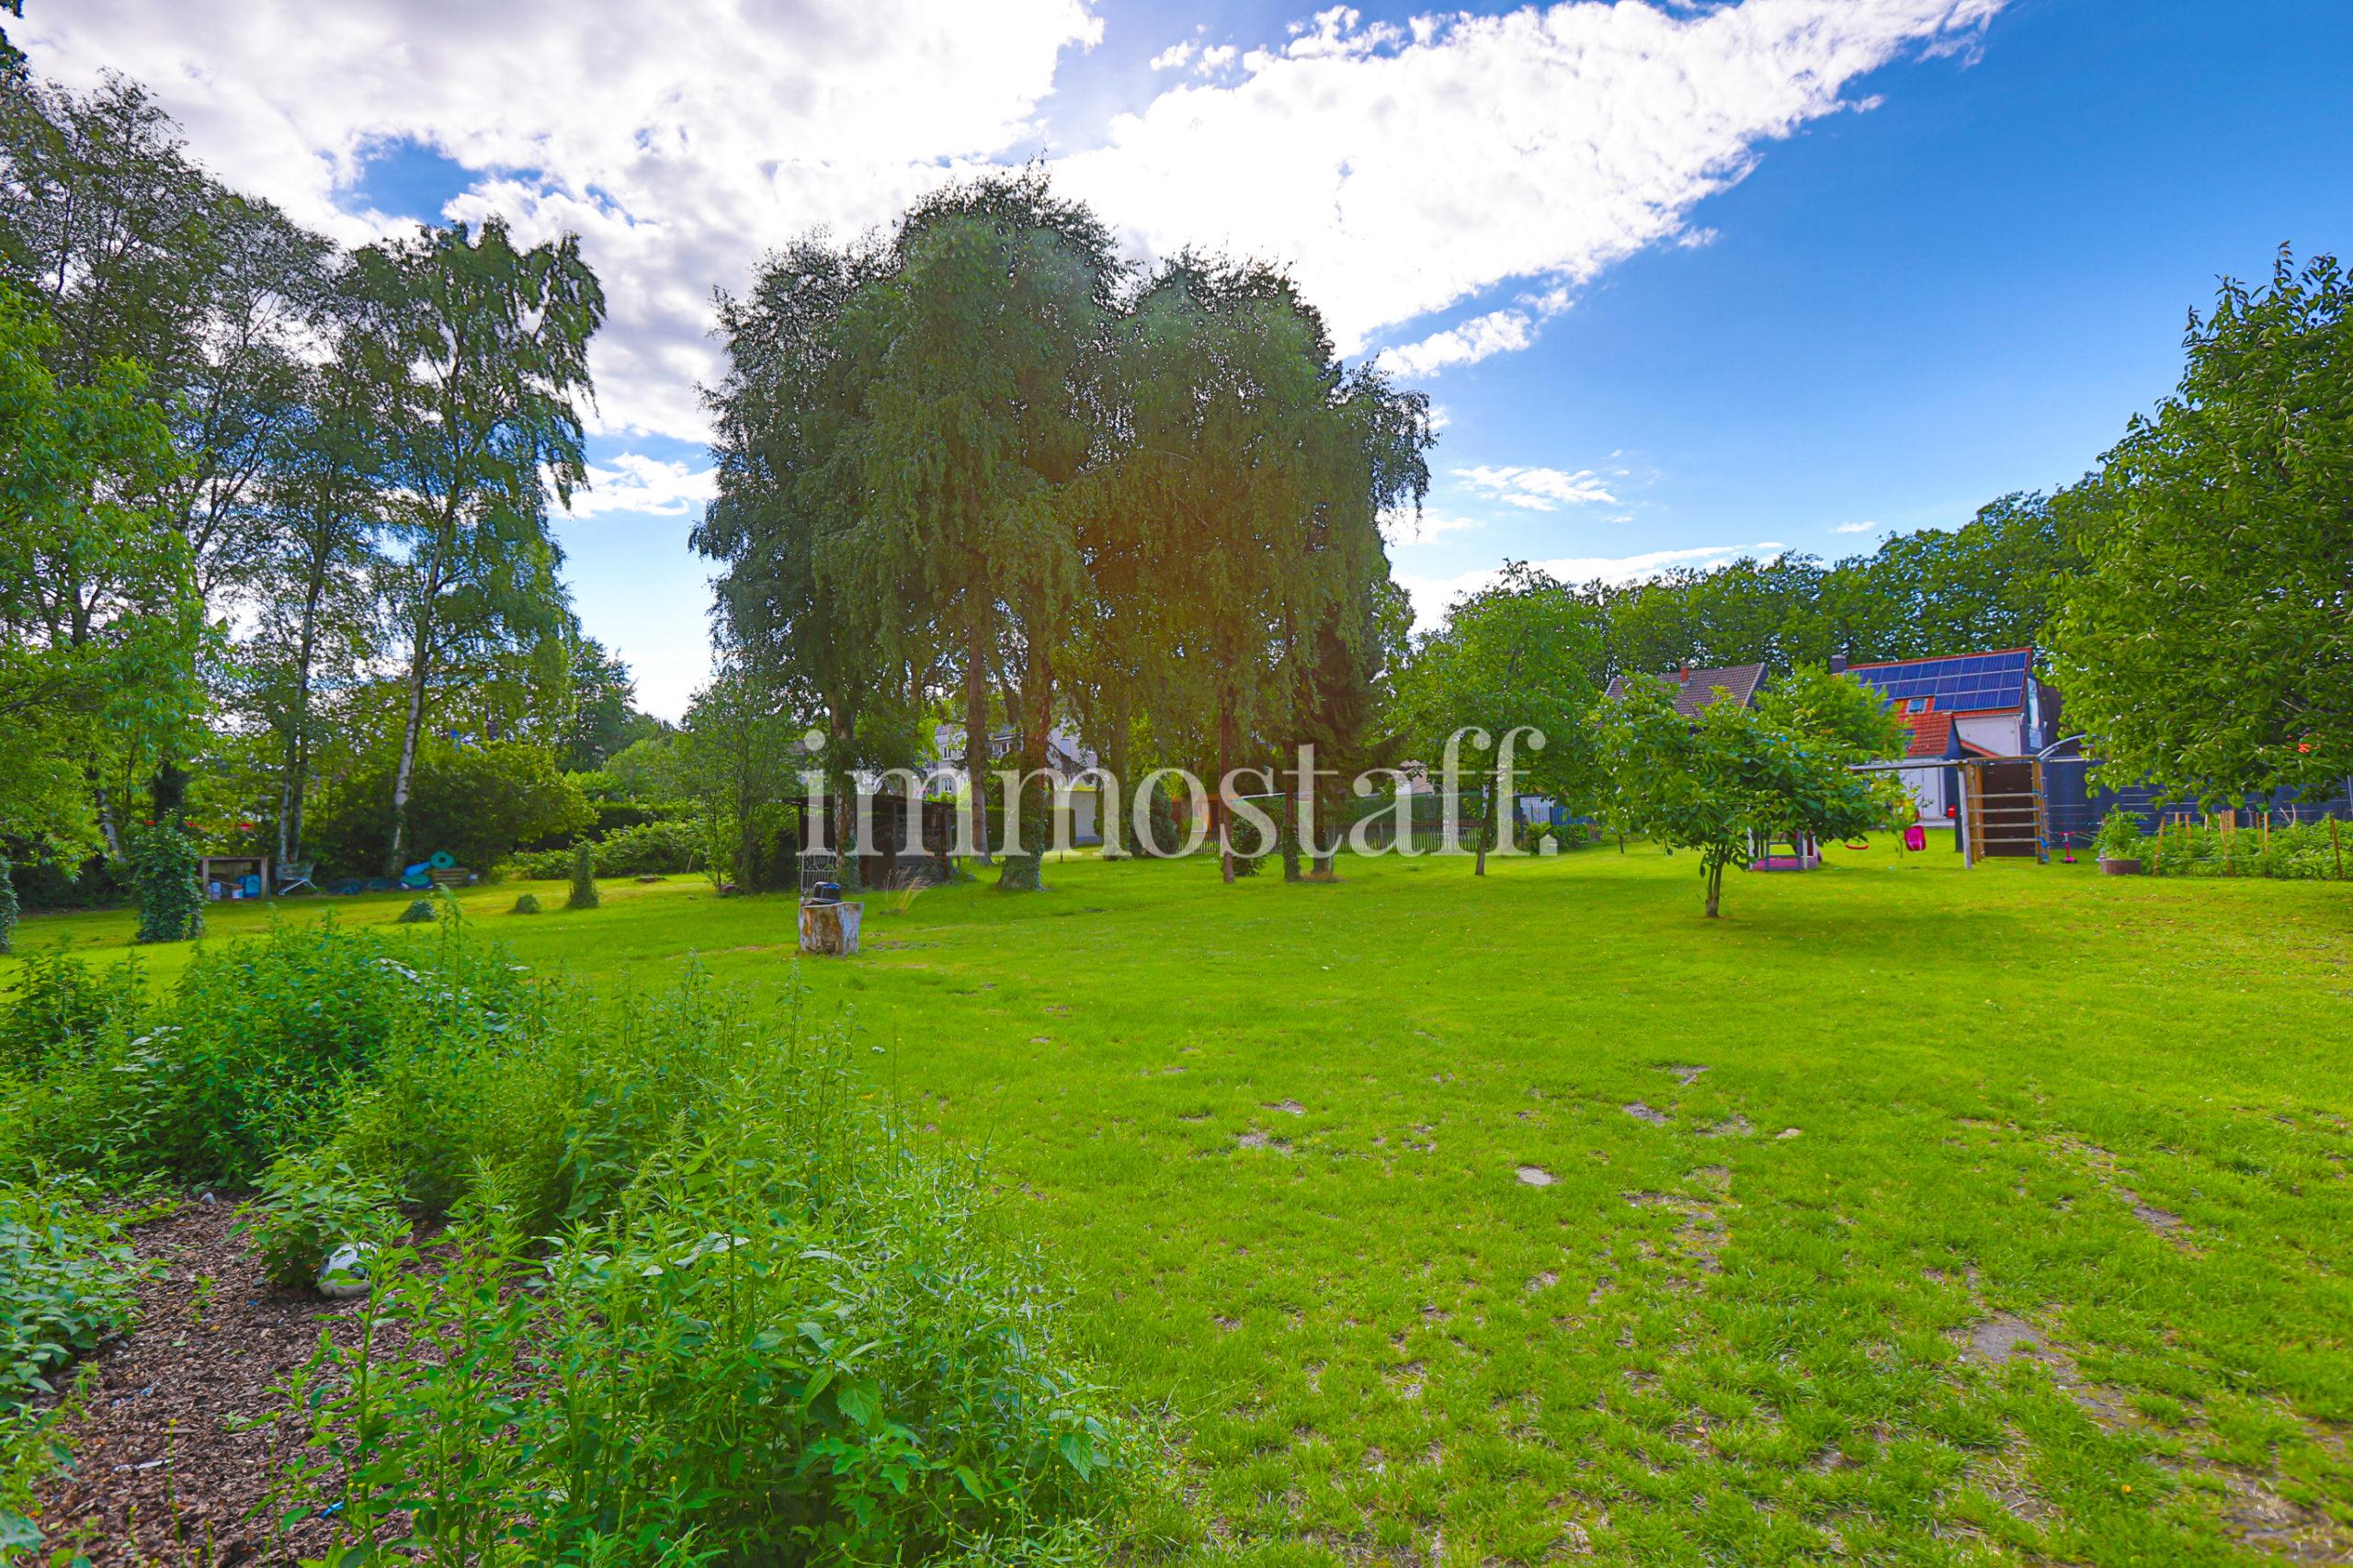 FREISTEHENDES 2-FAMILIENHAUS mit 2.450 m² Grundstück, Doppelgarage, Stellplätzen & Pool zu verkaufen